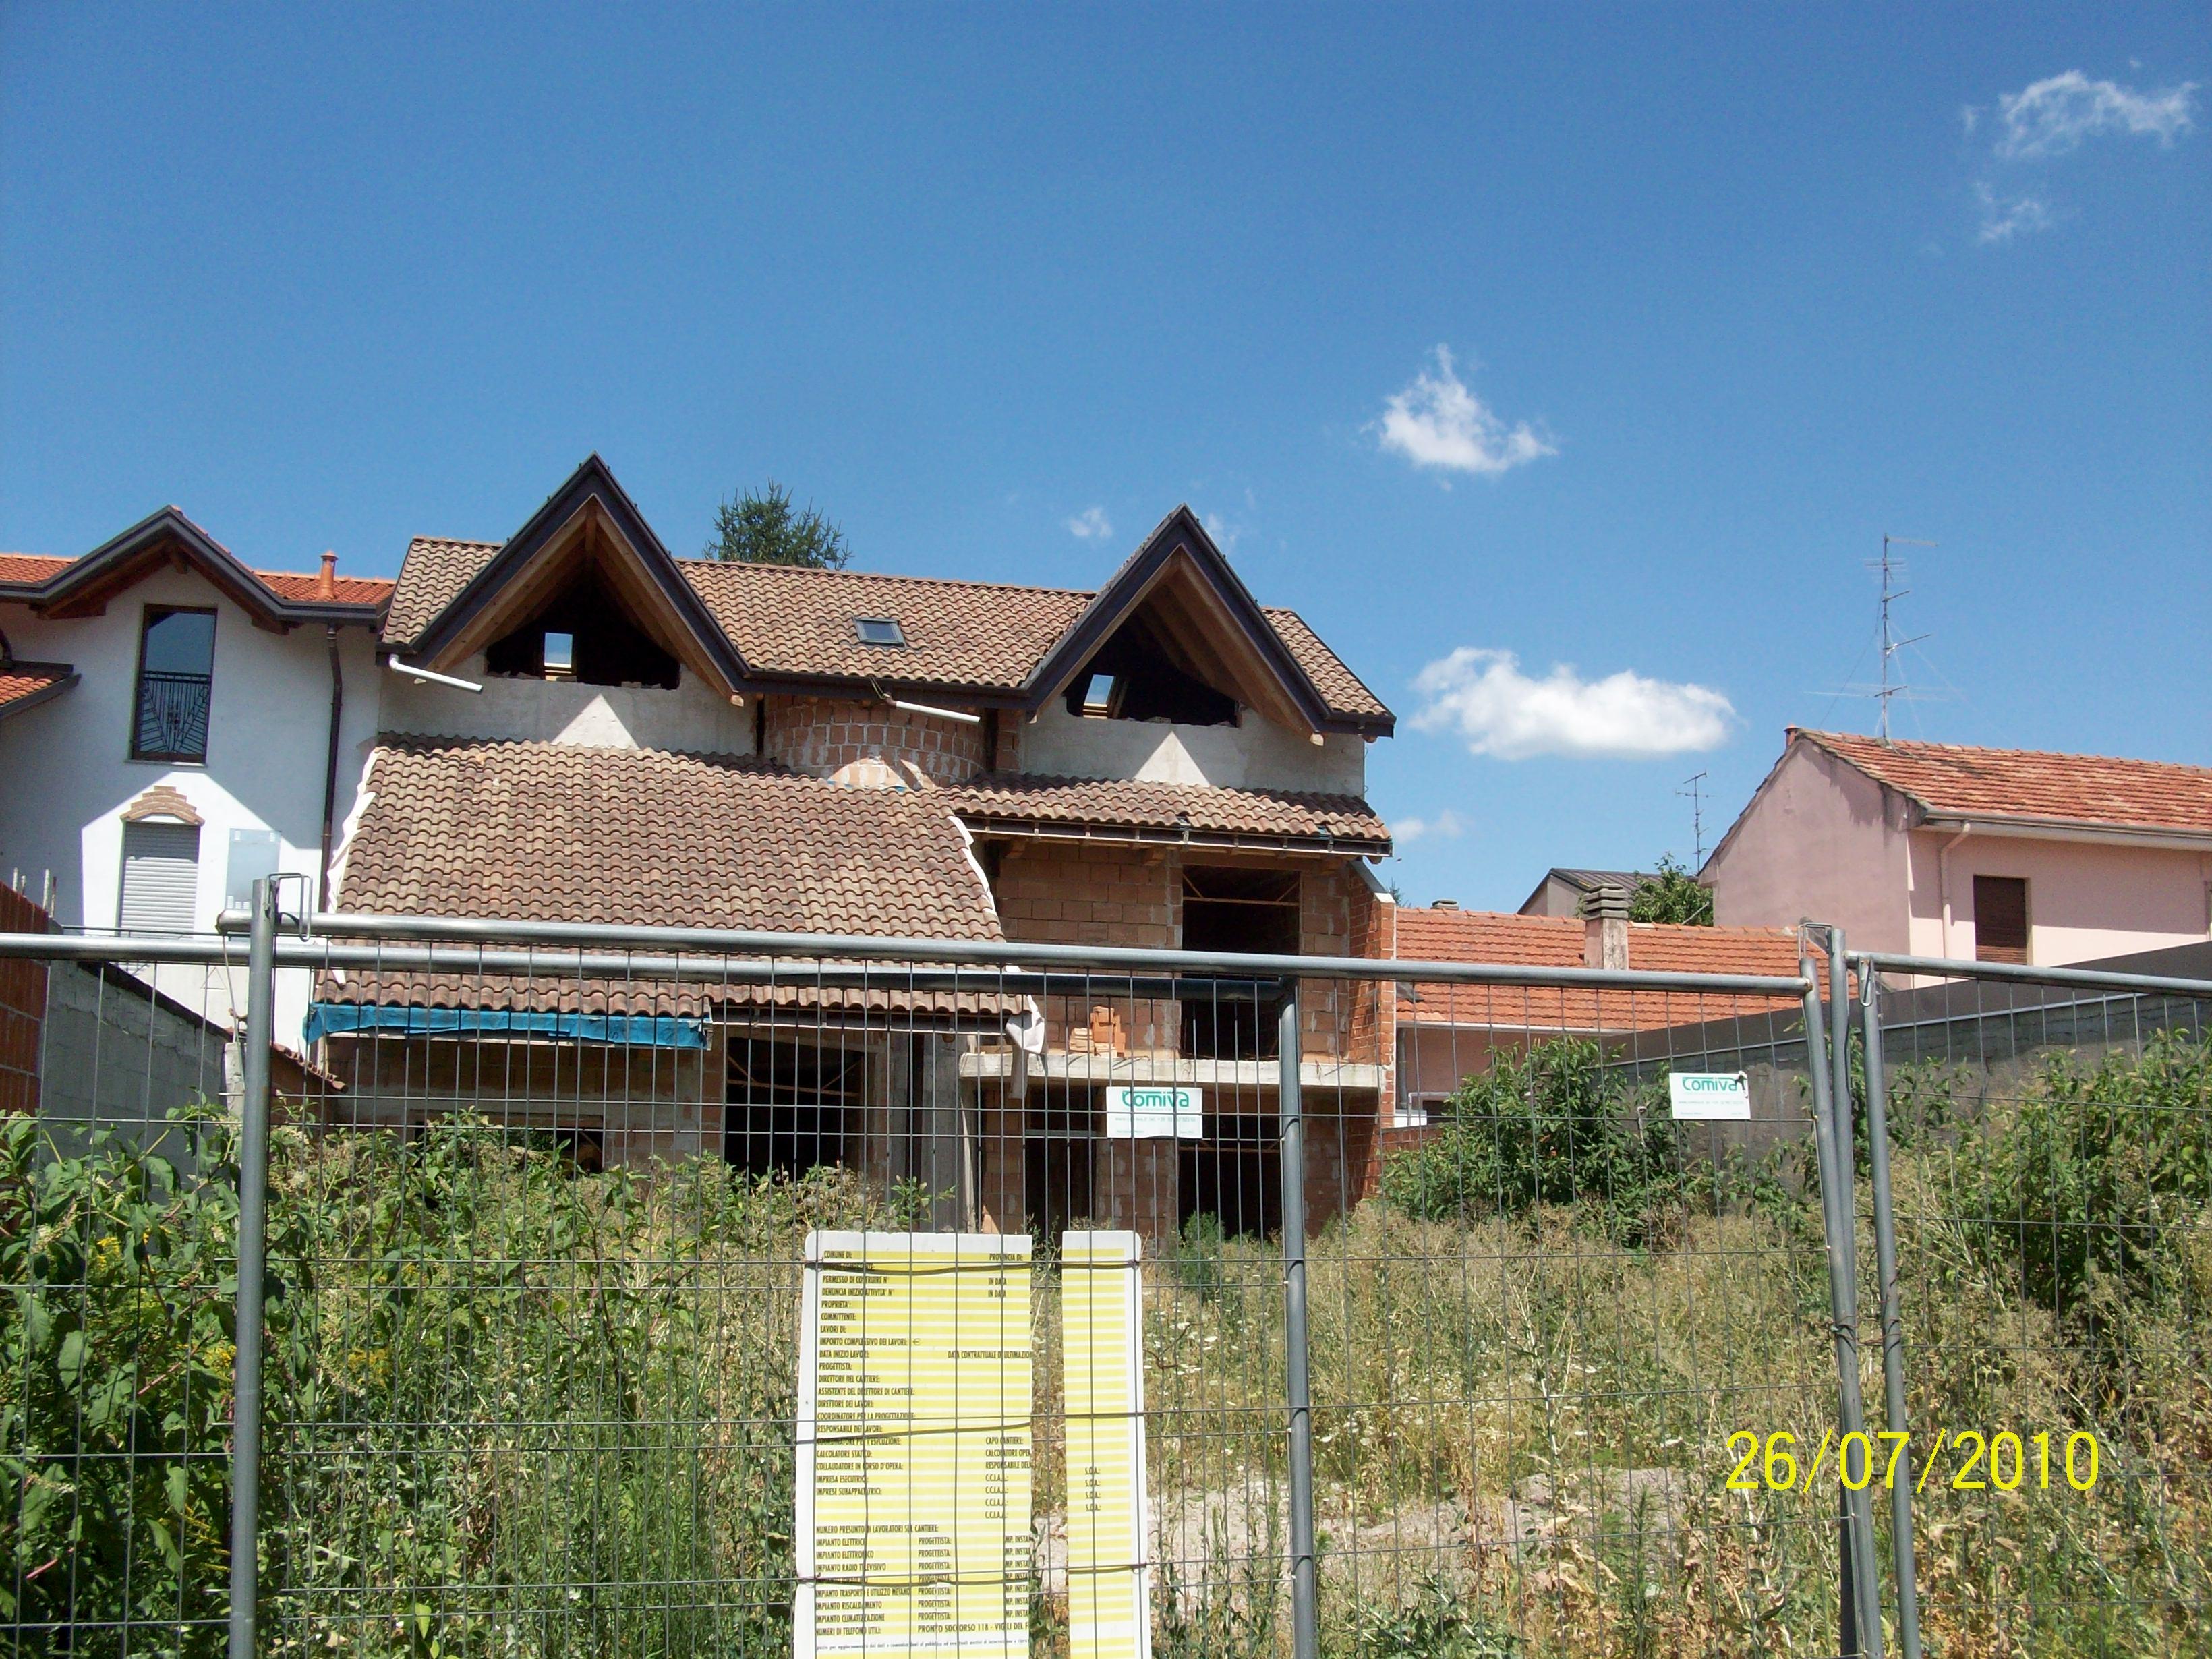 Villa indipendente al rustico